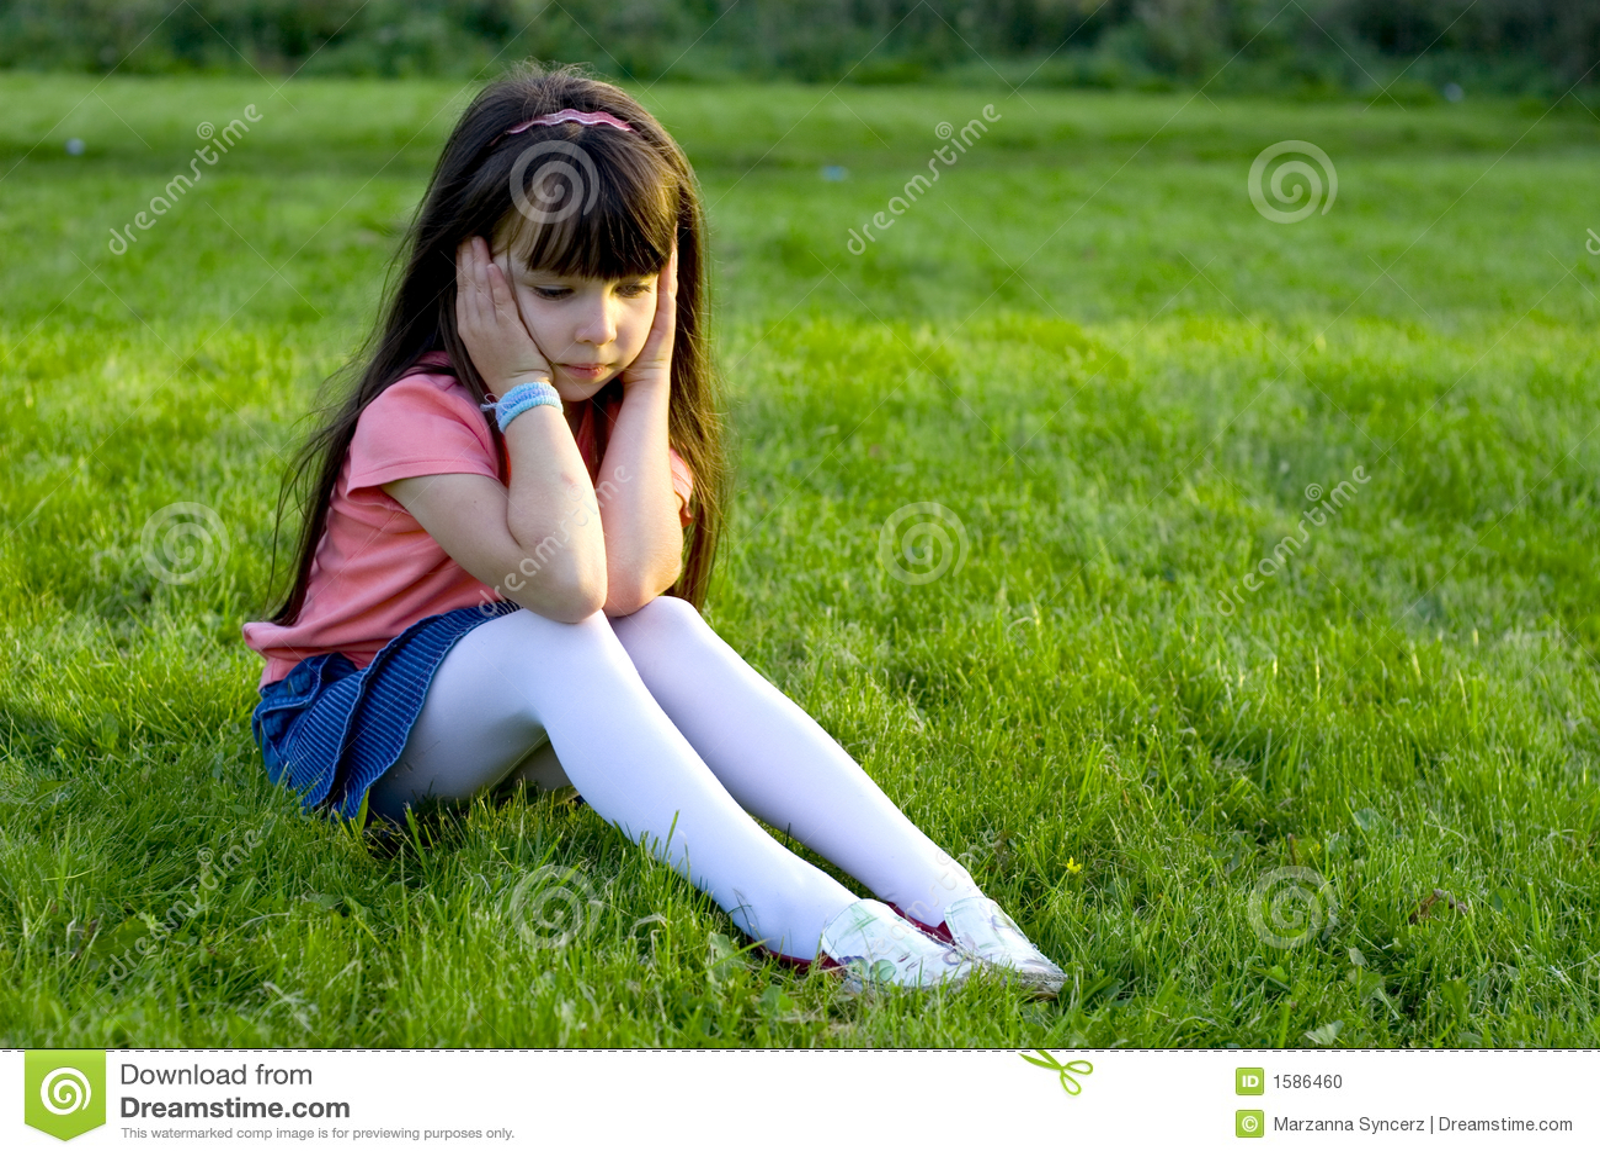 Фото мастурбация маленькой девочки 21 фотография